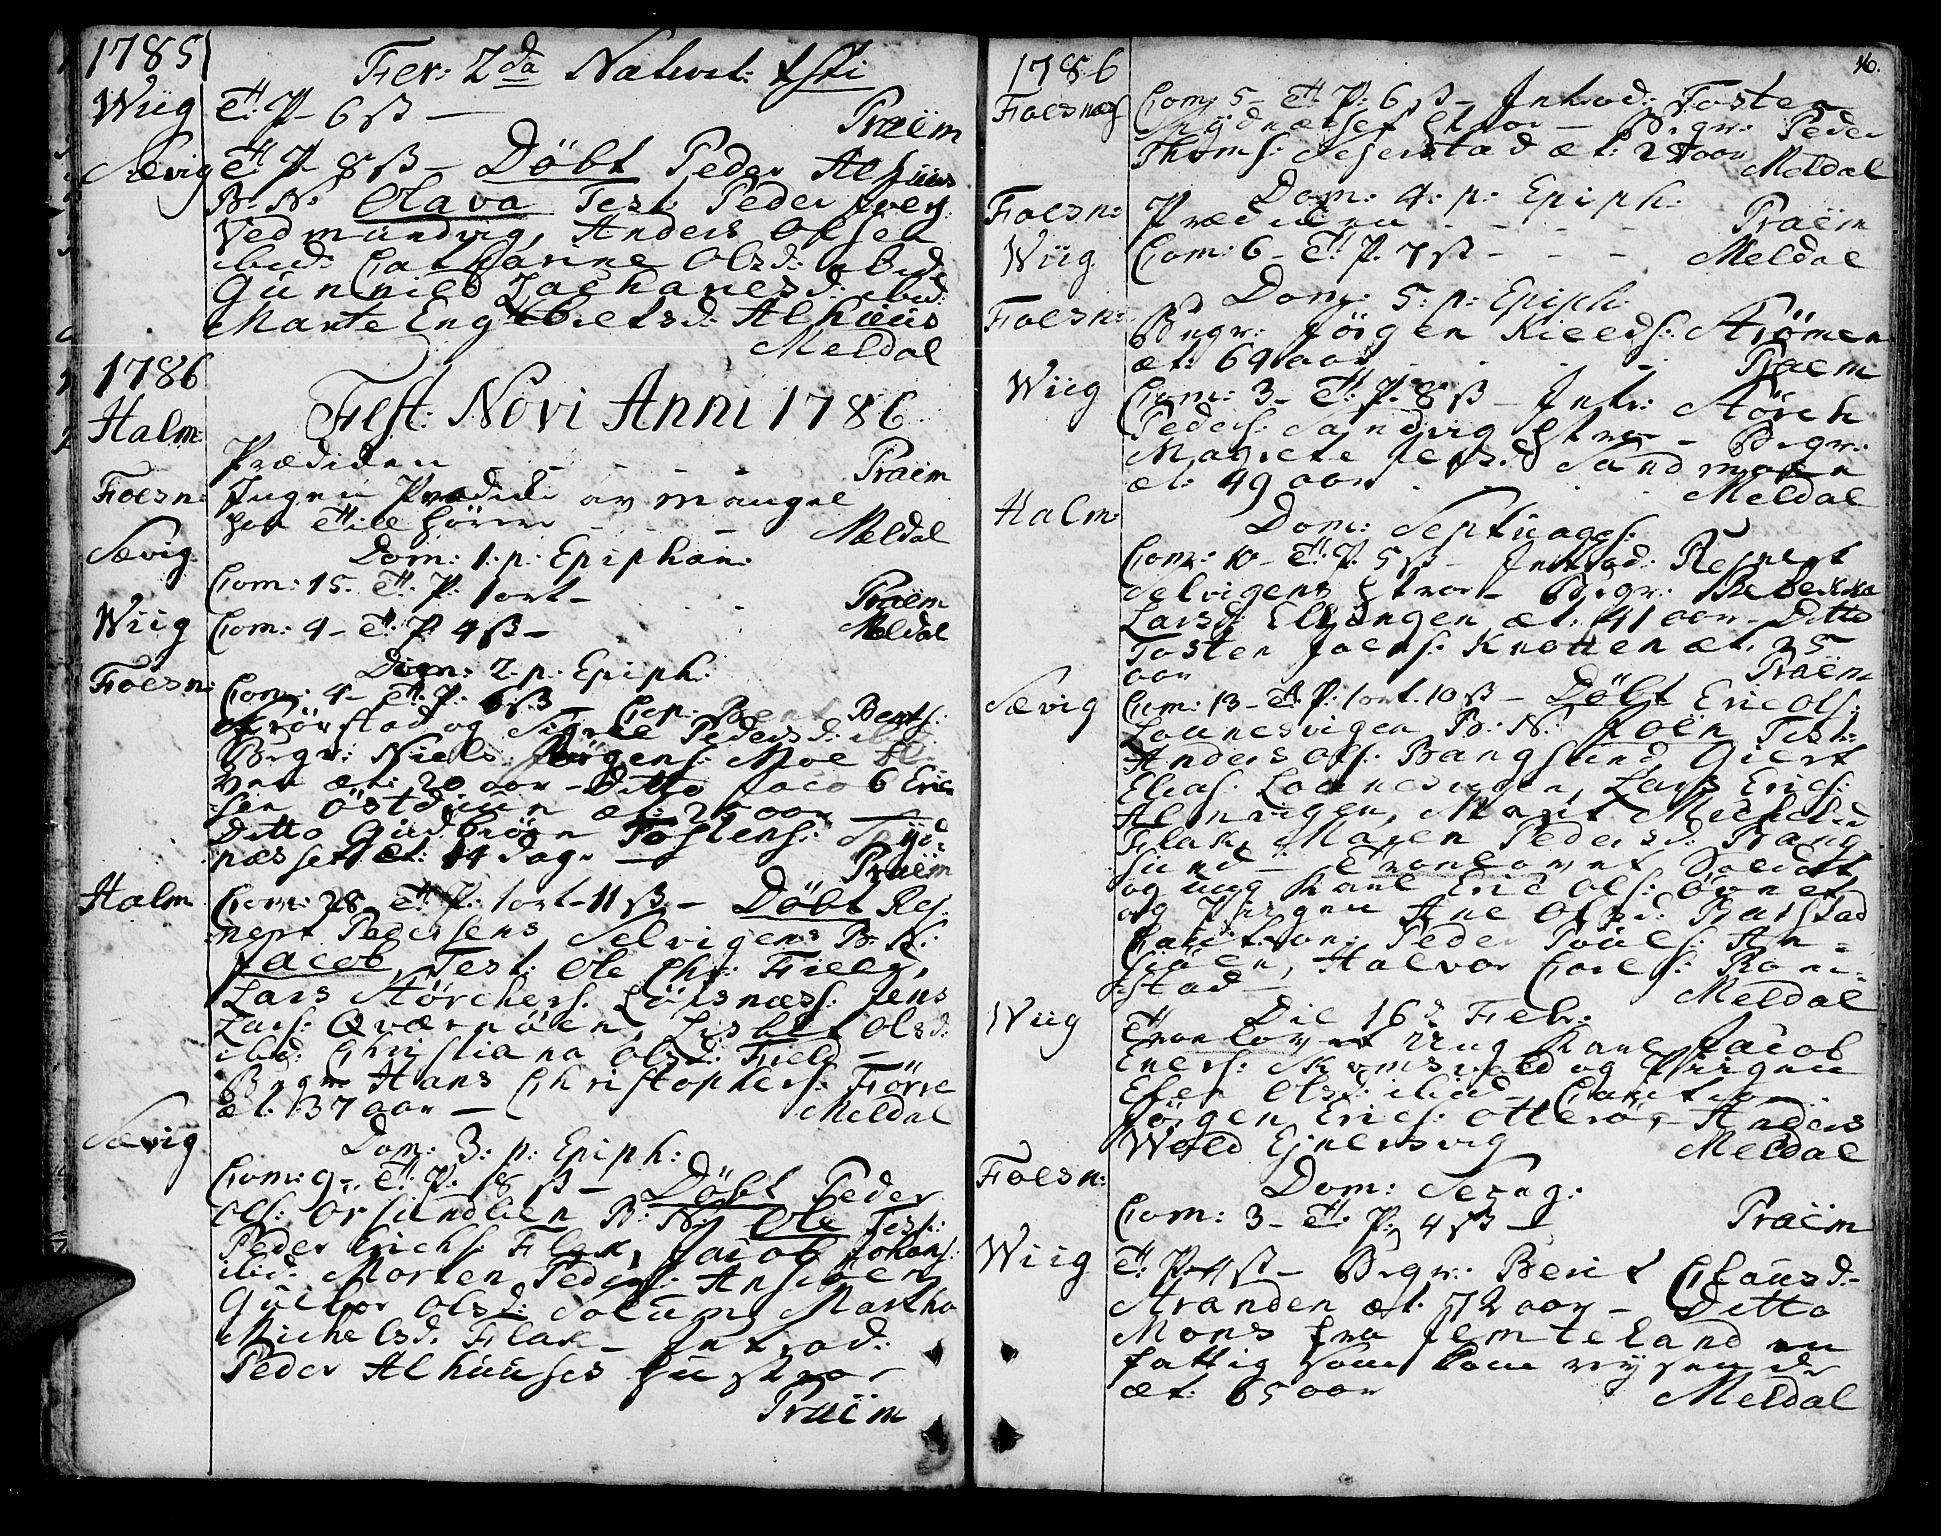 SAT, Ministerialprotokoller, klokkerbøker og fødselsregistre - Nord-Trøndelag, 773/L0608: Ministerialbok nr. 773A02, 1784-1816, s. 16